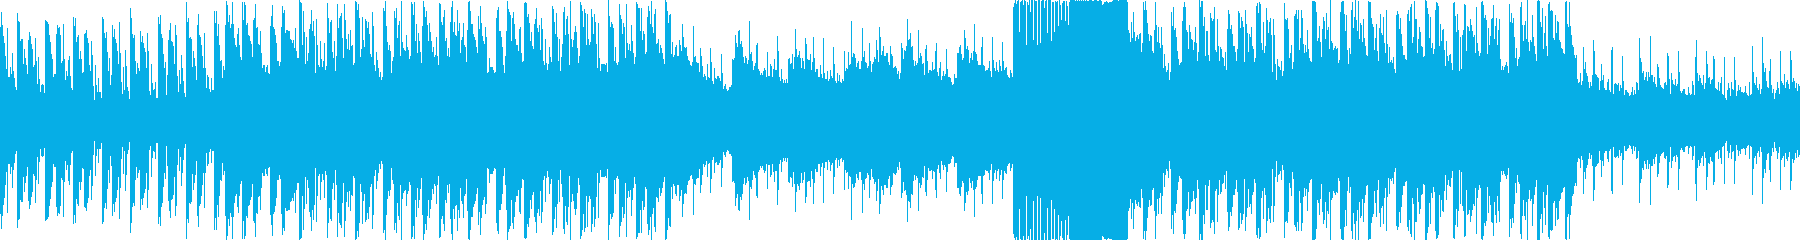 アップテンポの緊迫・戦闘シーン用BGMの再生済みの波形